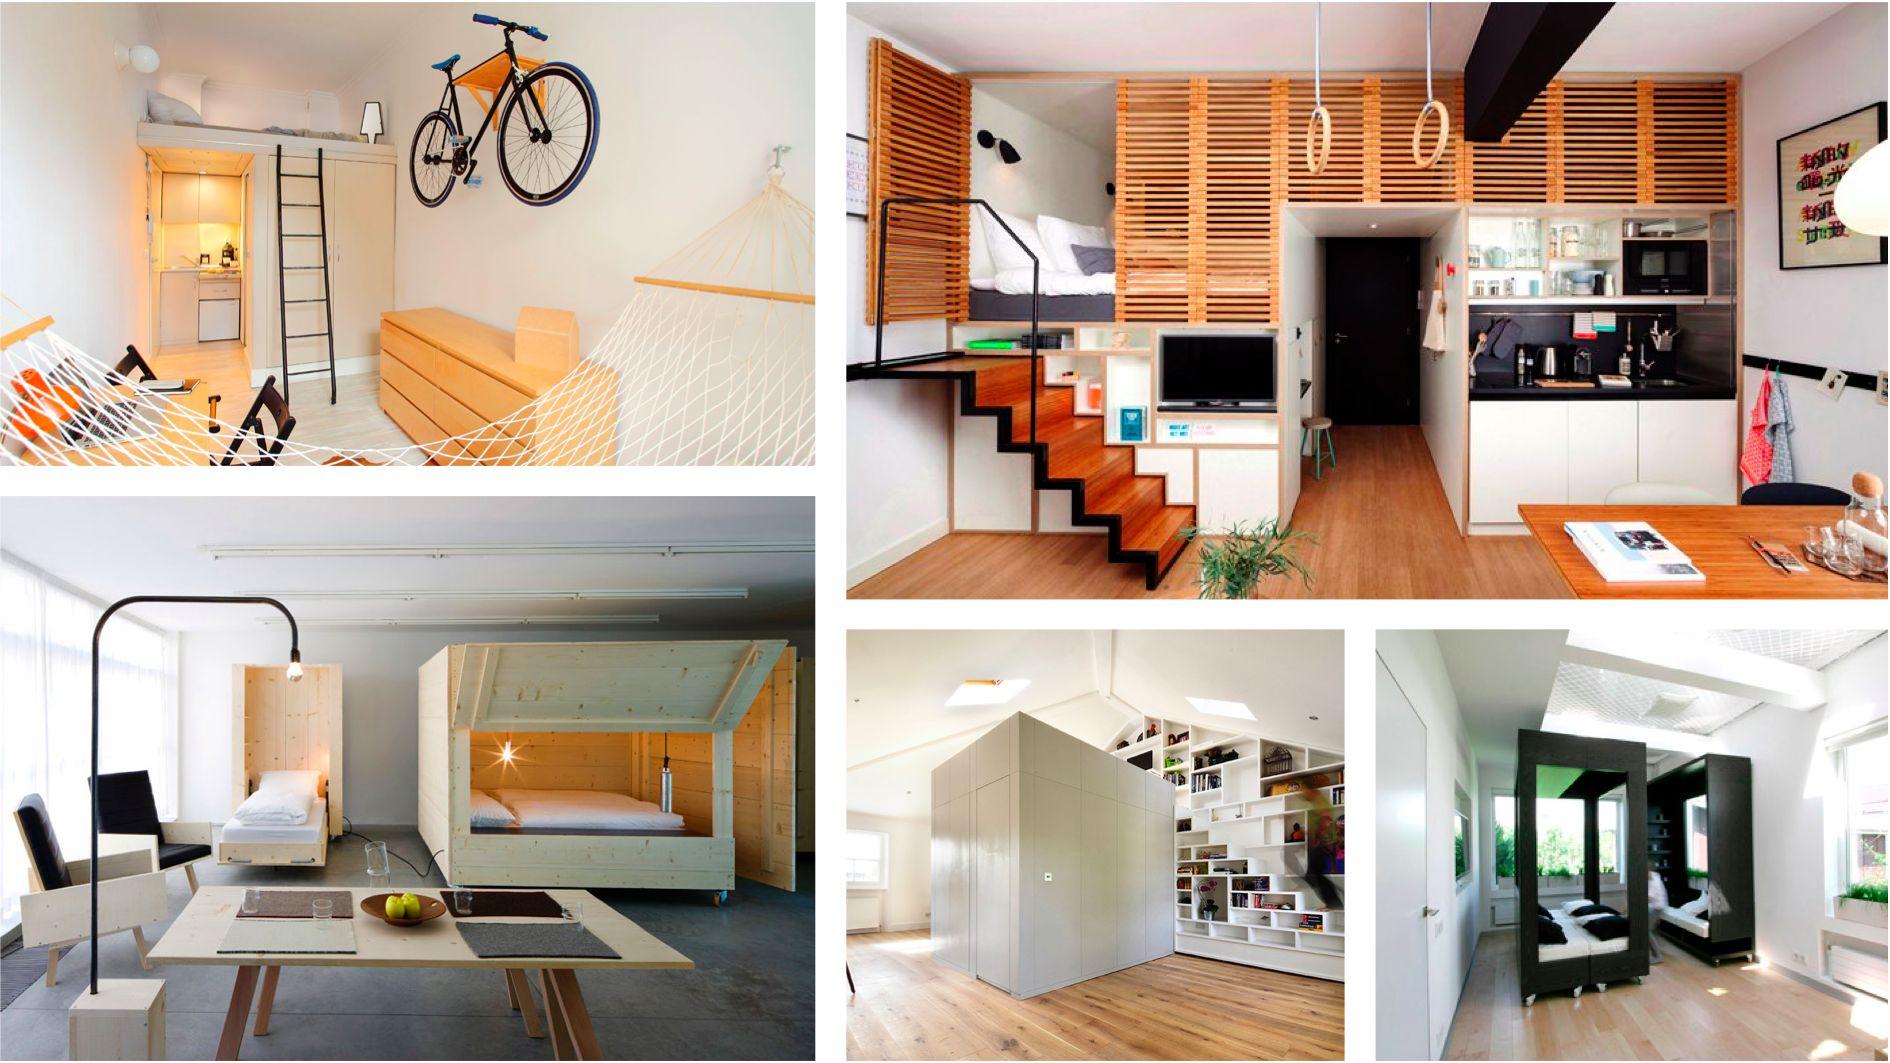 Le case trasformabili maria laura berlinguer stile for Abitazioni interni